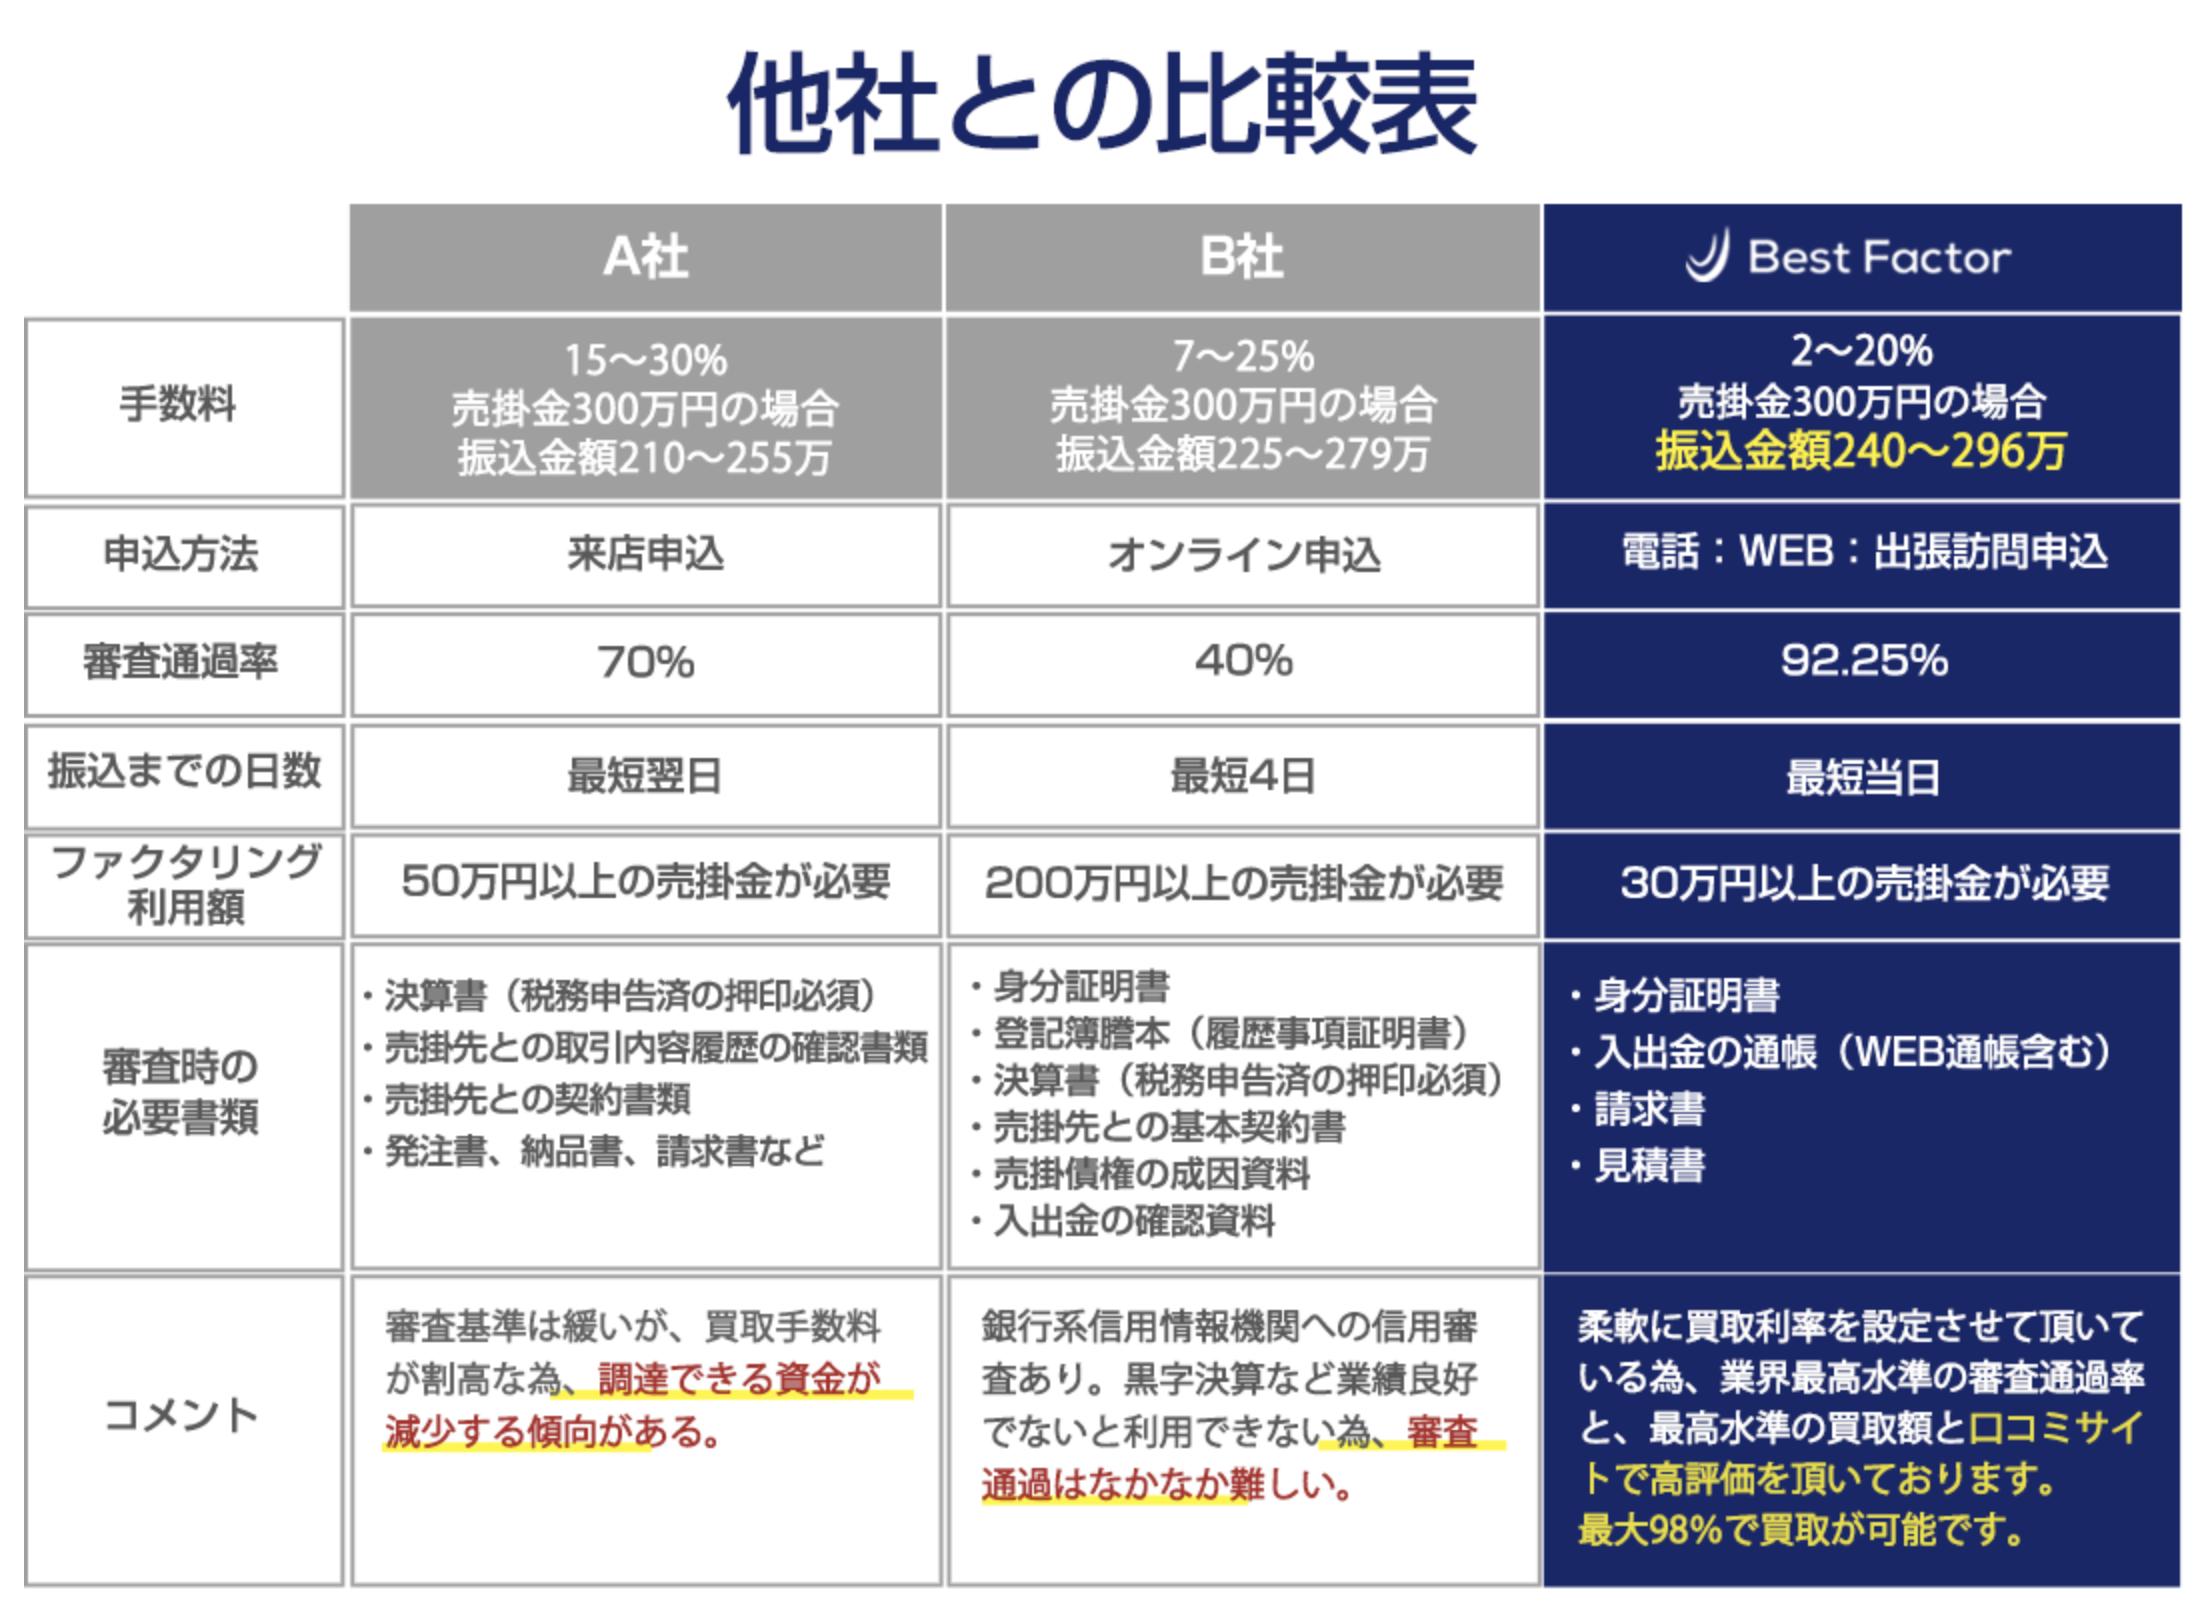 ベストファクターと他社サービスを比較した写真